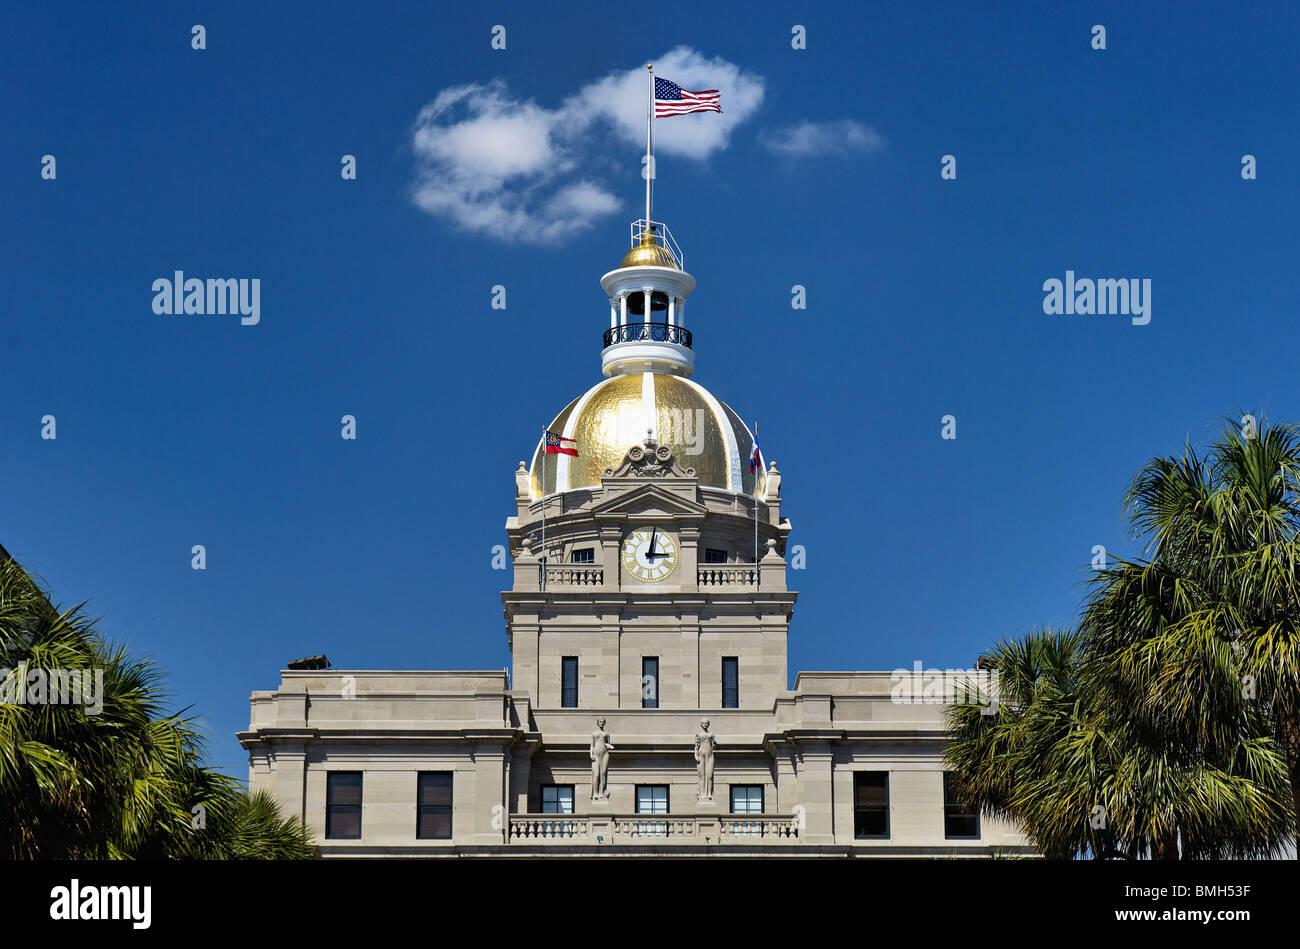 Dôme d'or de l'Hôtel de ville de Savannah à Savannah, Géorgie Photo Stock